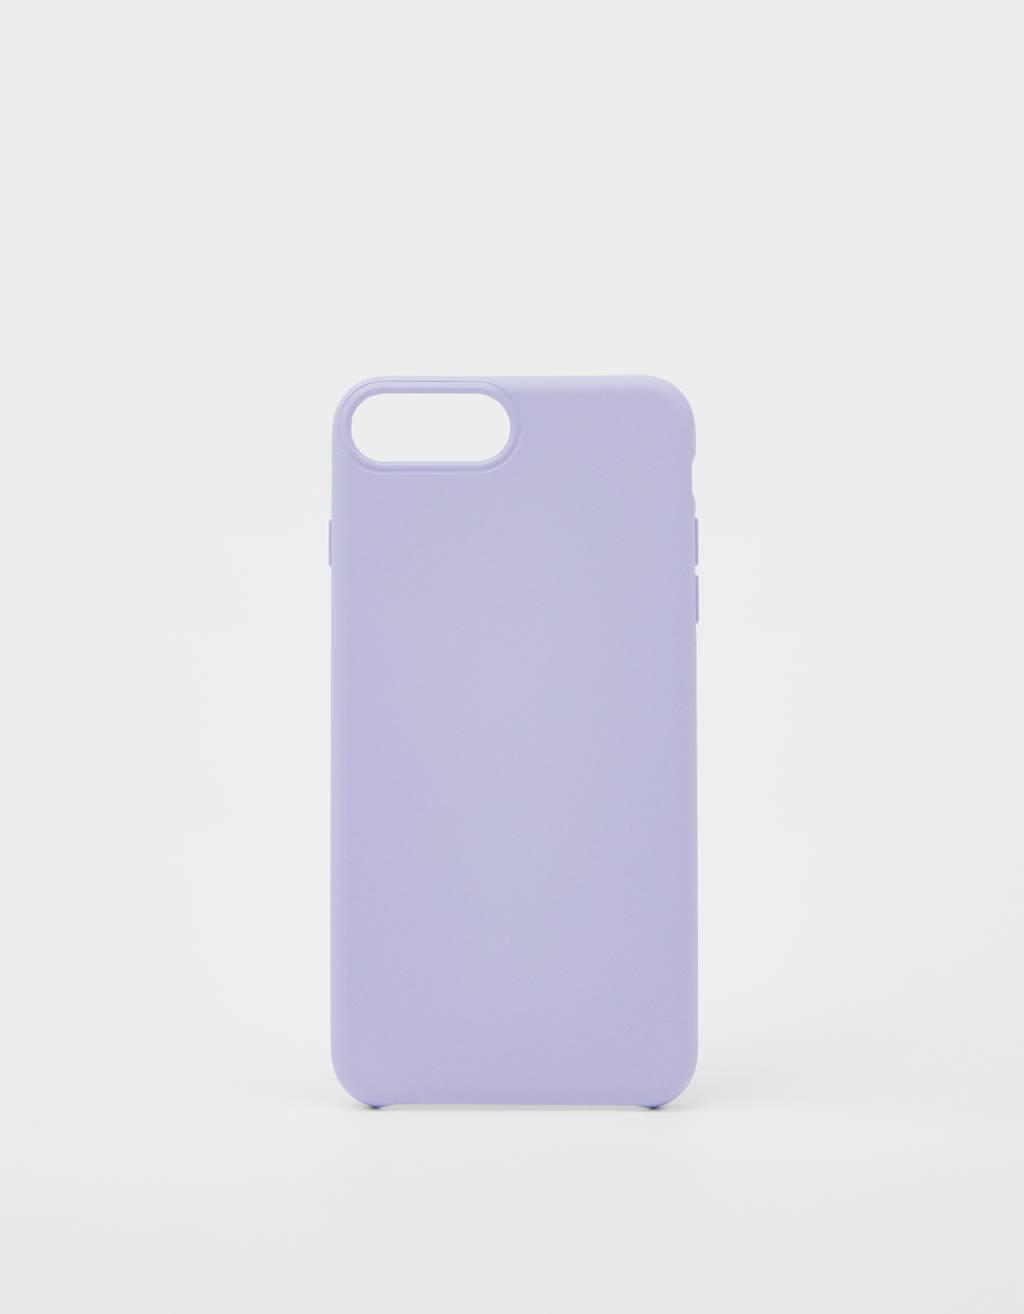 Monochrome iPhone 6Plus / 7Plus / 8Plus case